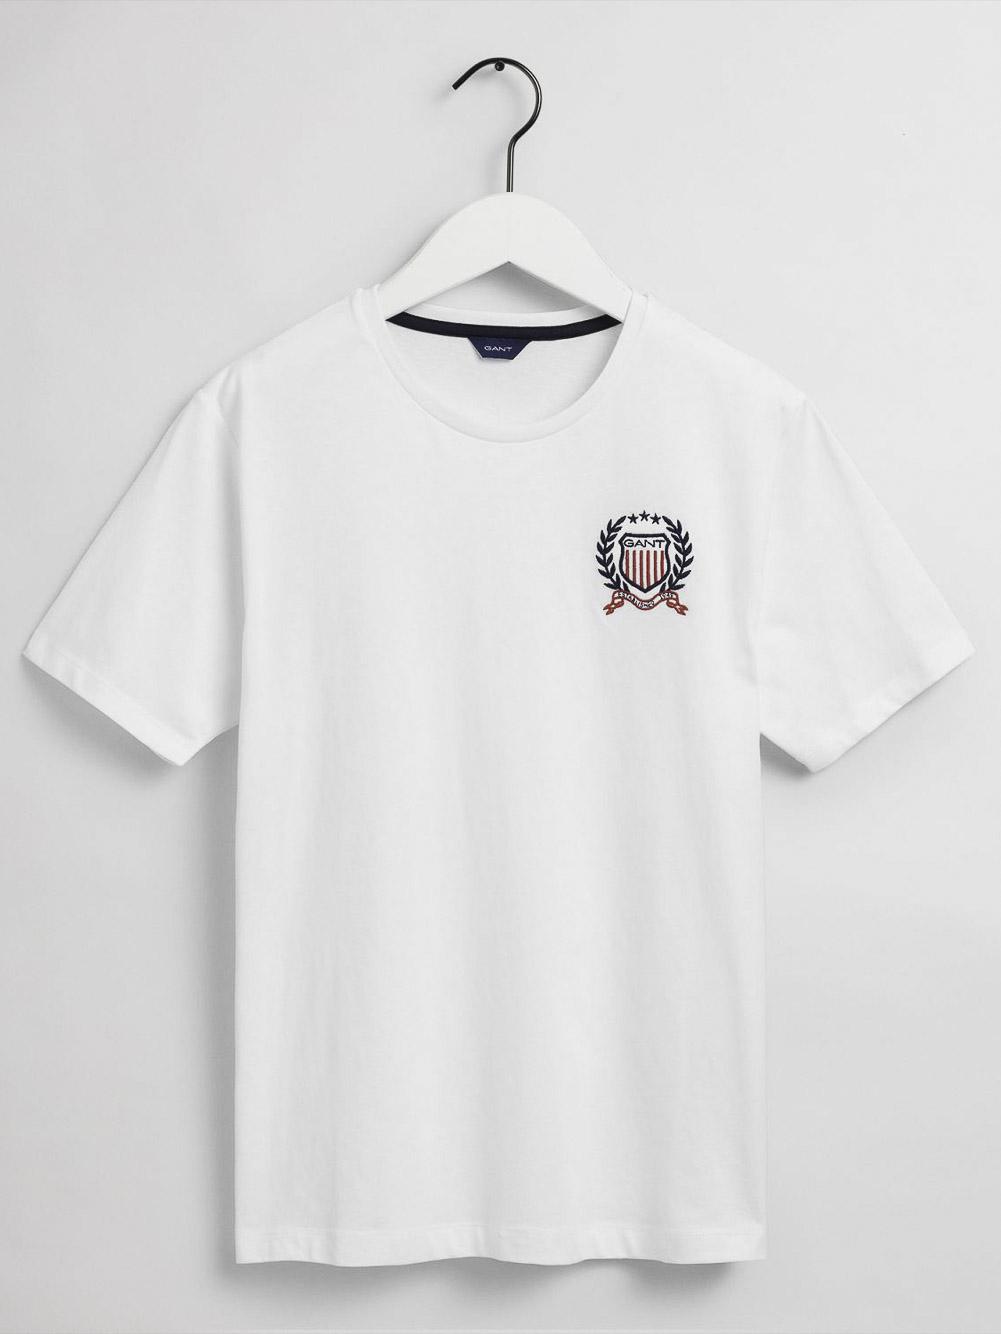 GANT Μπλούζα t-shirt 3G905187-110 ΛΕΥΚΟ